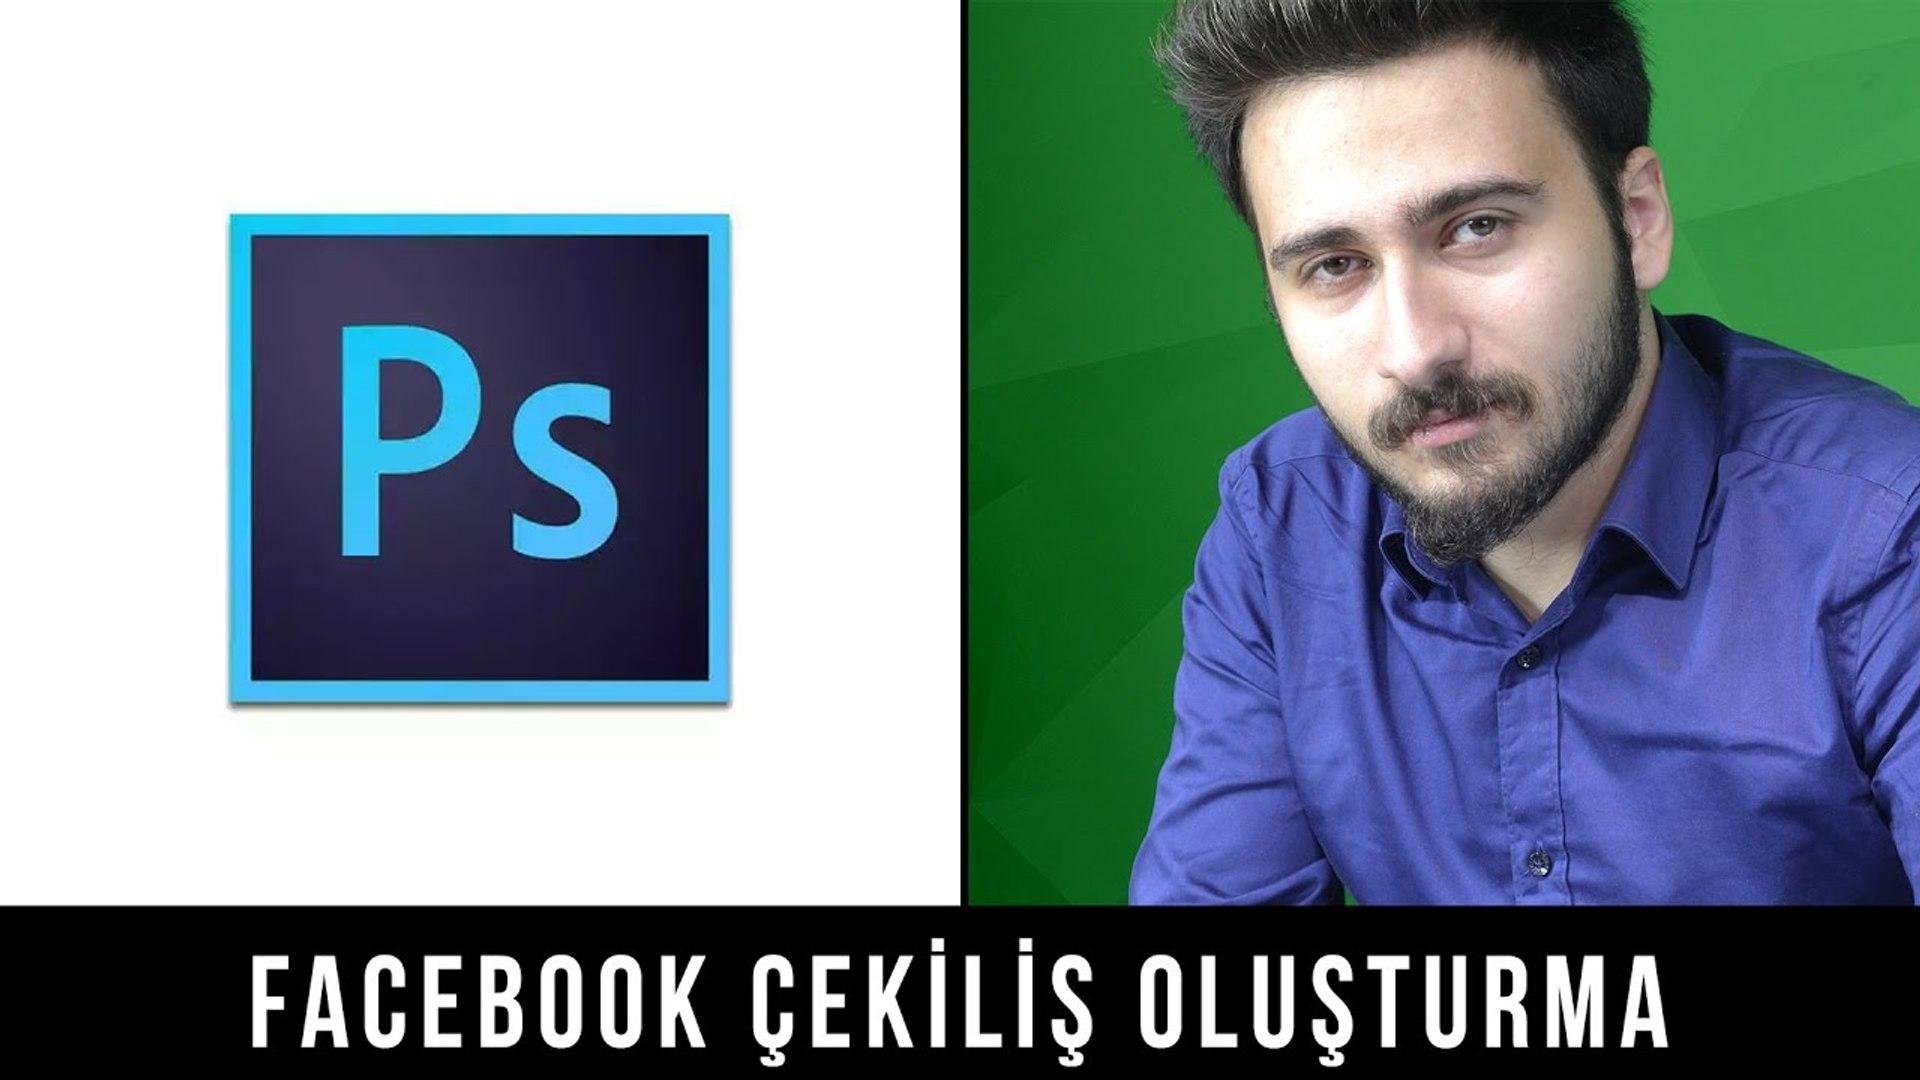 Facebook İçerik Oluşturma - Çekiliş Hazırlama - Bölüm 2 - Facebook Eğitim Seti